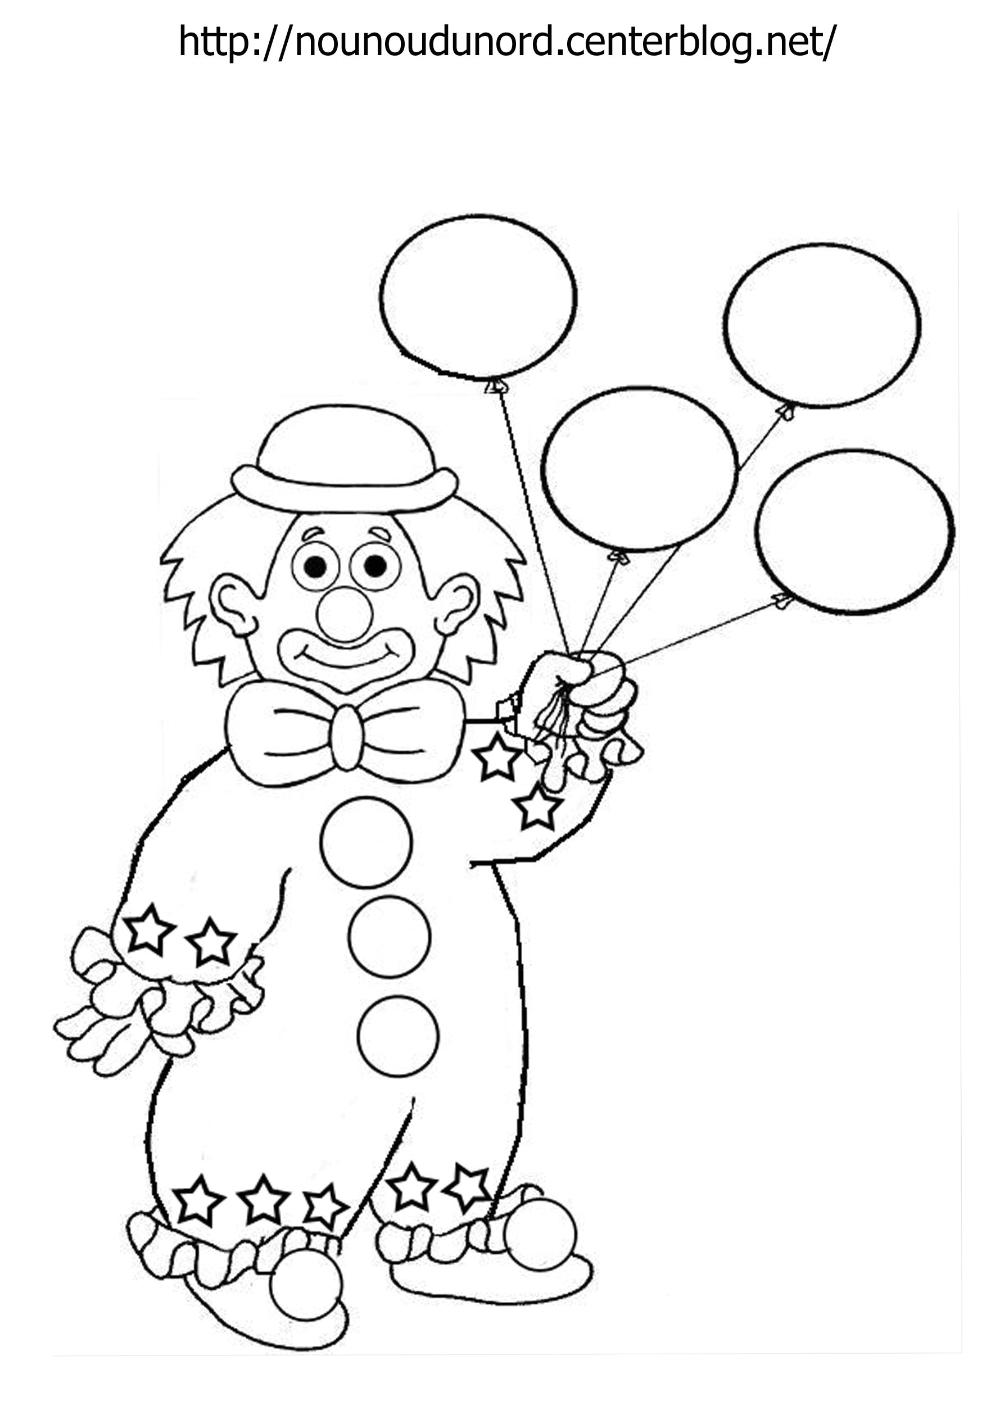 Dessin Clown Tueur A Imprimer En 2020 (Avec Images tout Coloriage Tete De Clown